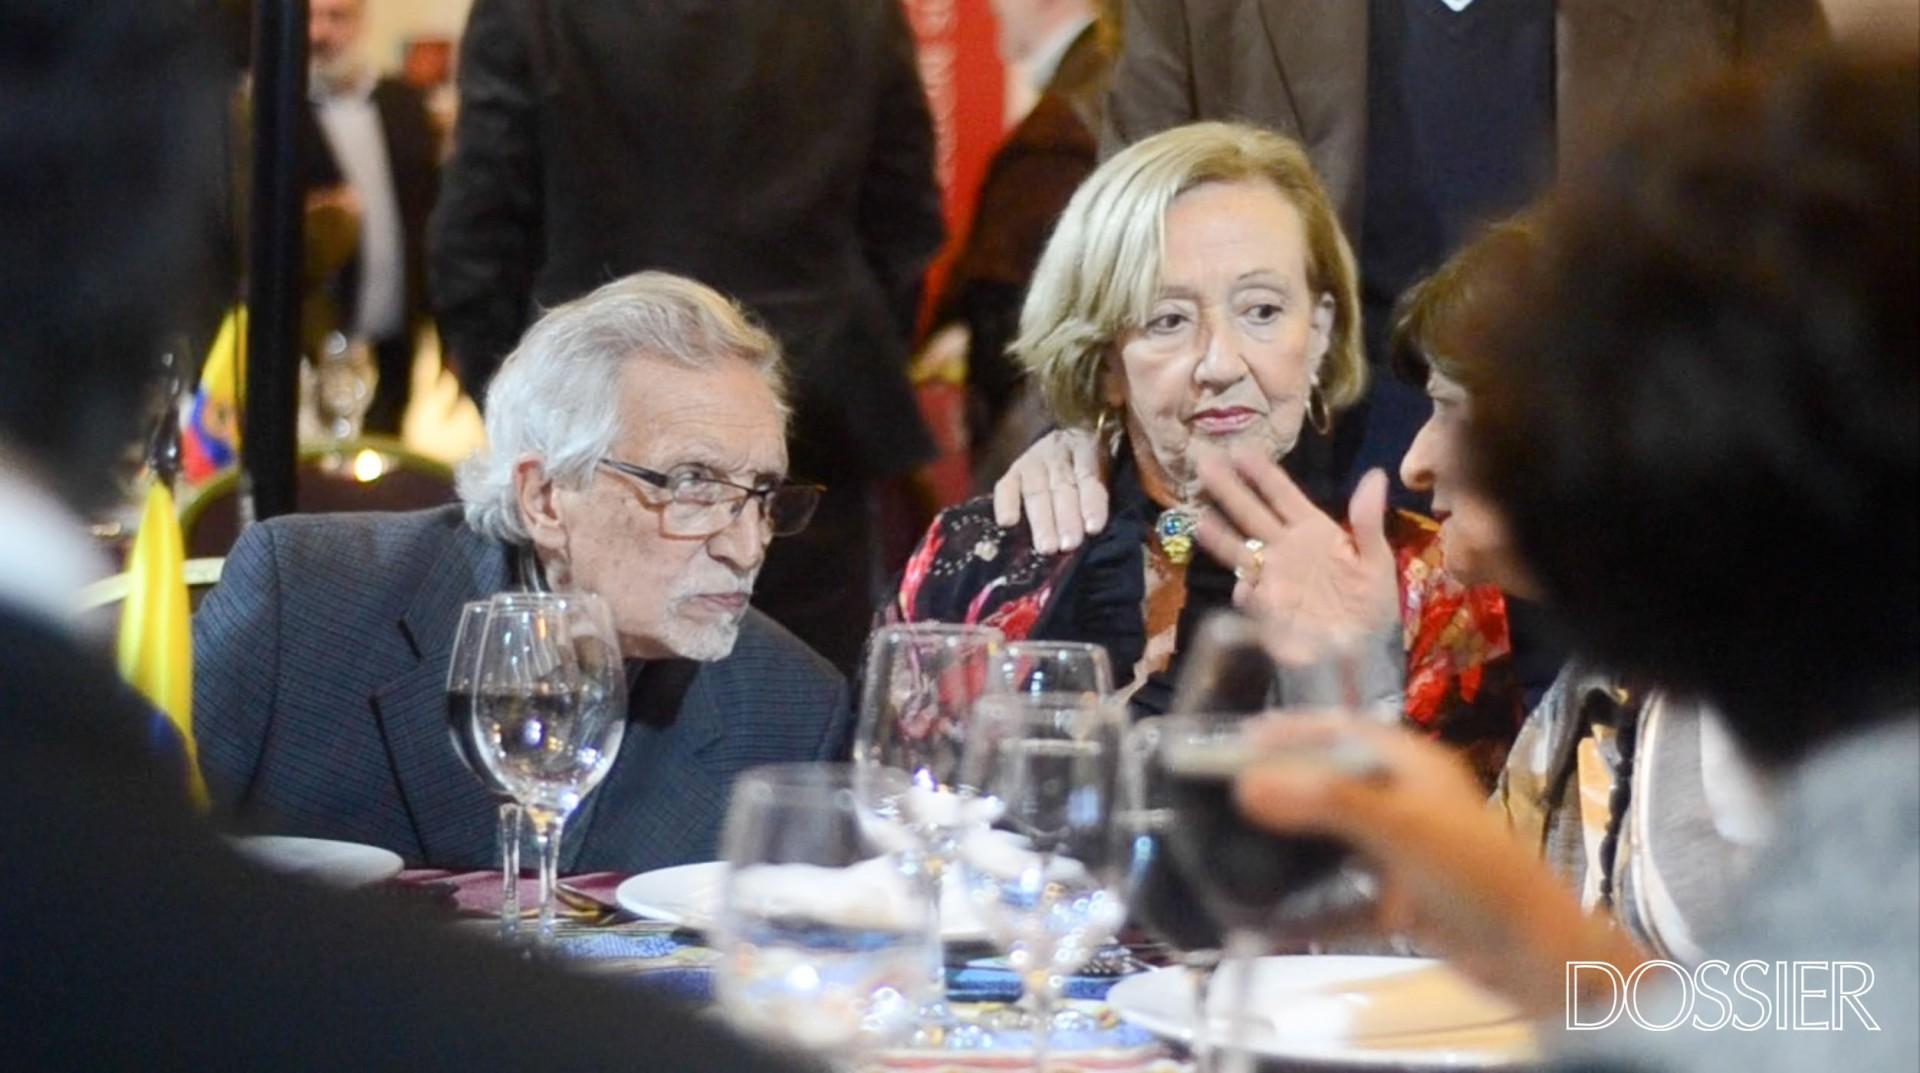 Mariano Arana y María Julia Muñoz